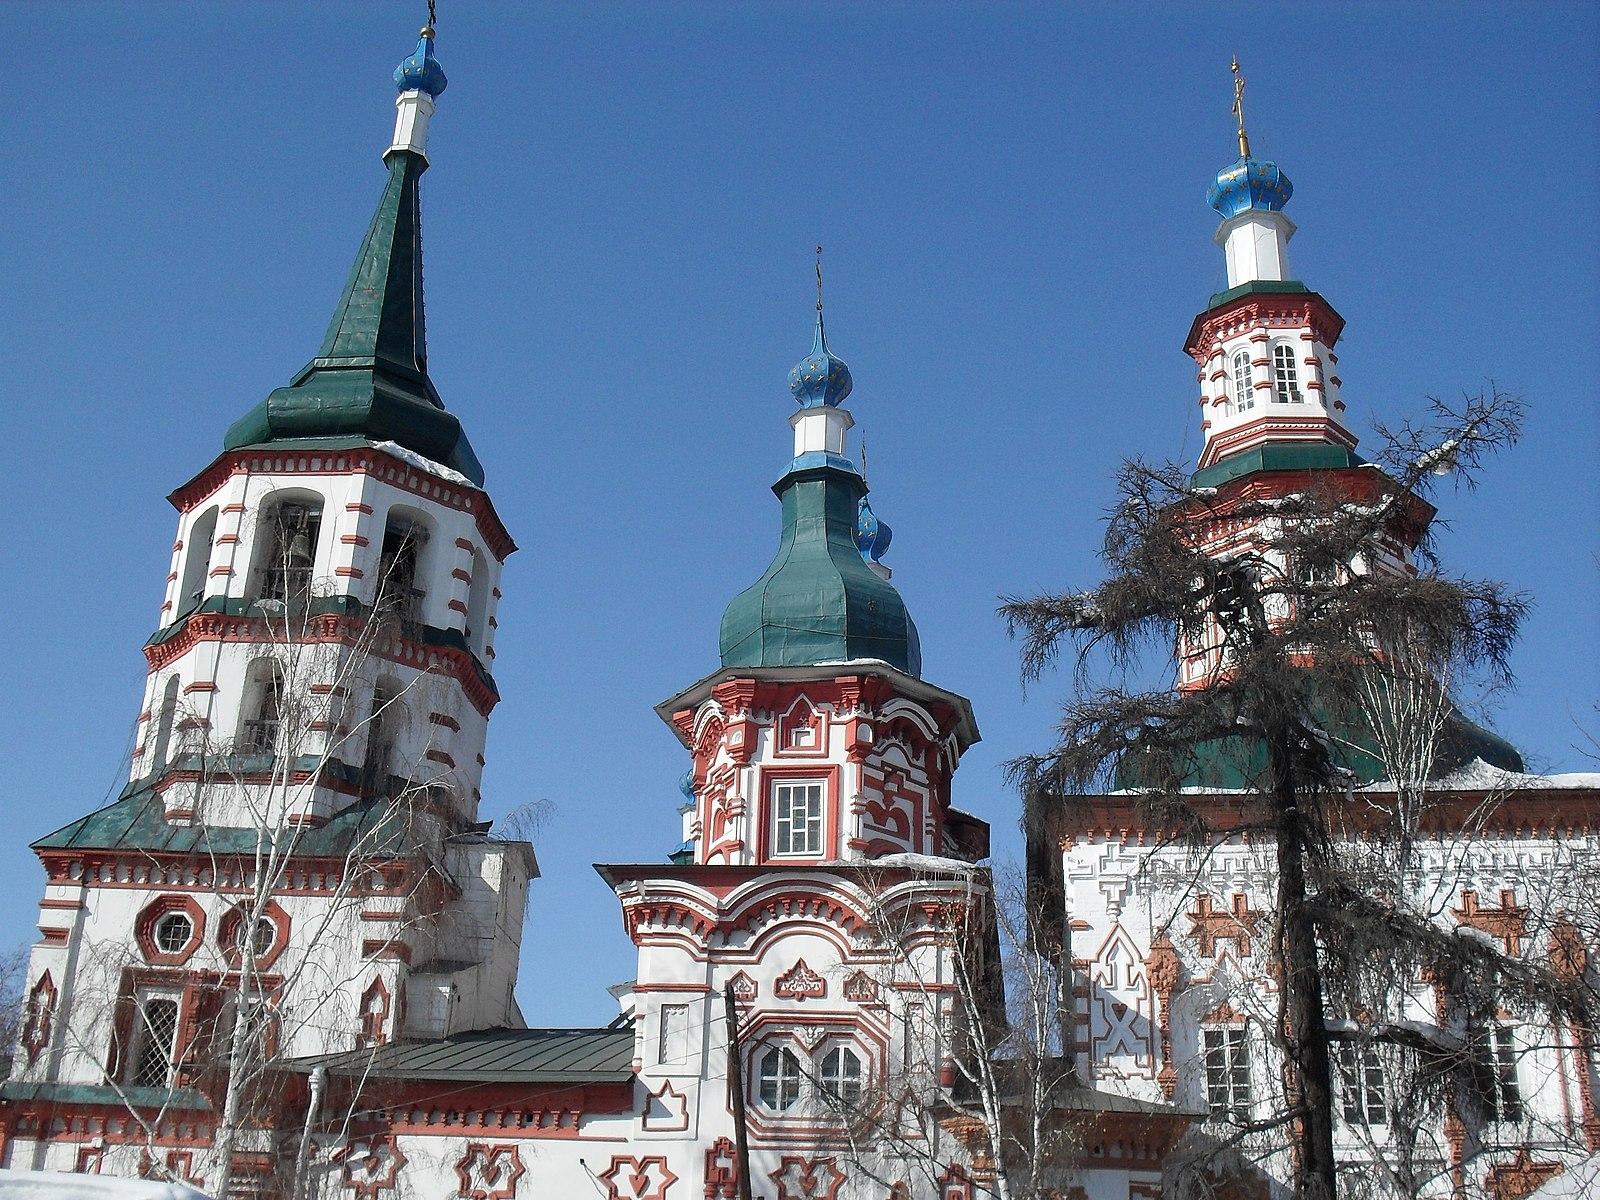 фото крестовоздвиженской церкви в иркутске дома, построенные